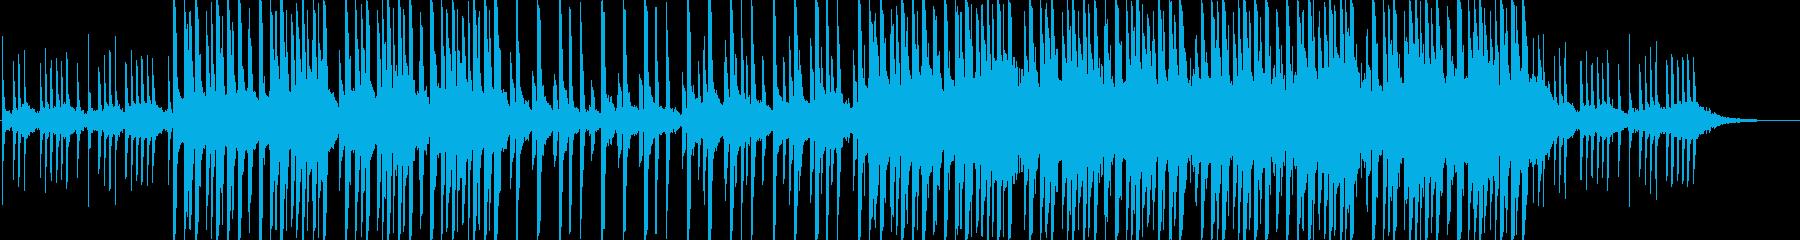 ピコピコ可愛いほのぼのBGMの再生済みの波形